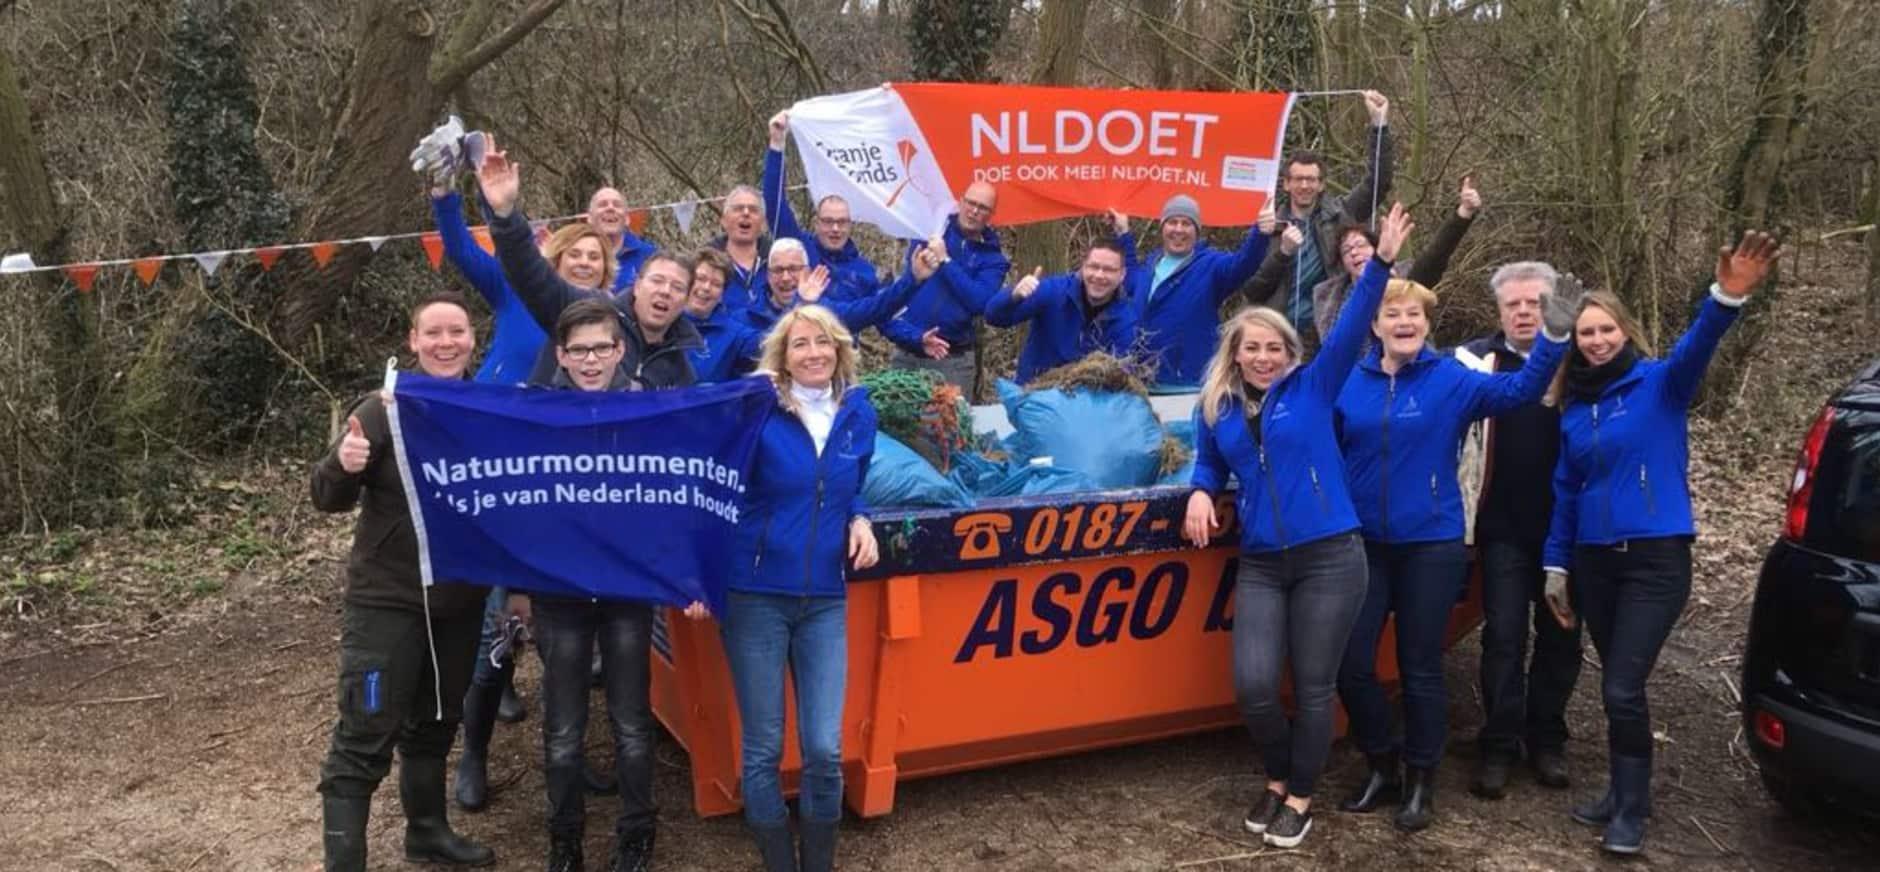 Marktteam Rabobank Goeree-Overflakkee tijdens NLdoet in Kwade Hoek